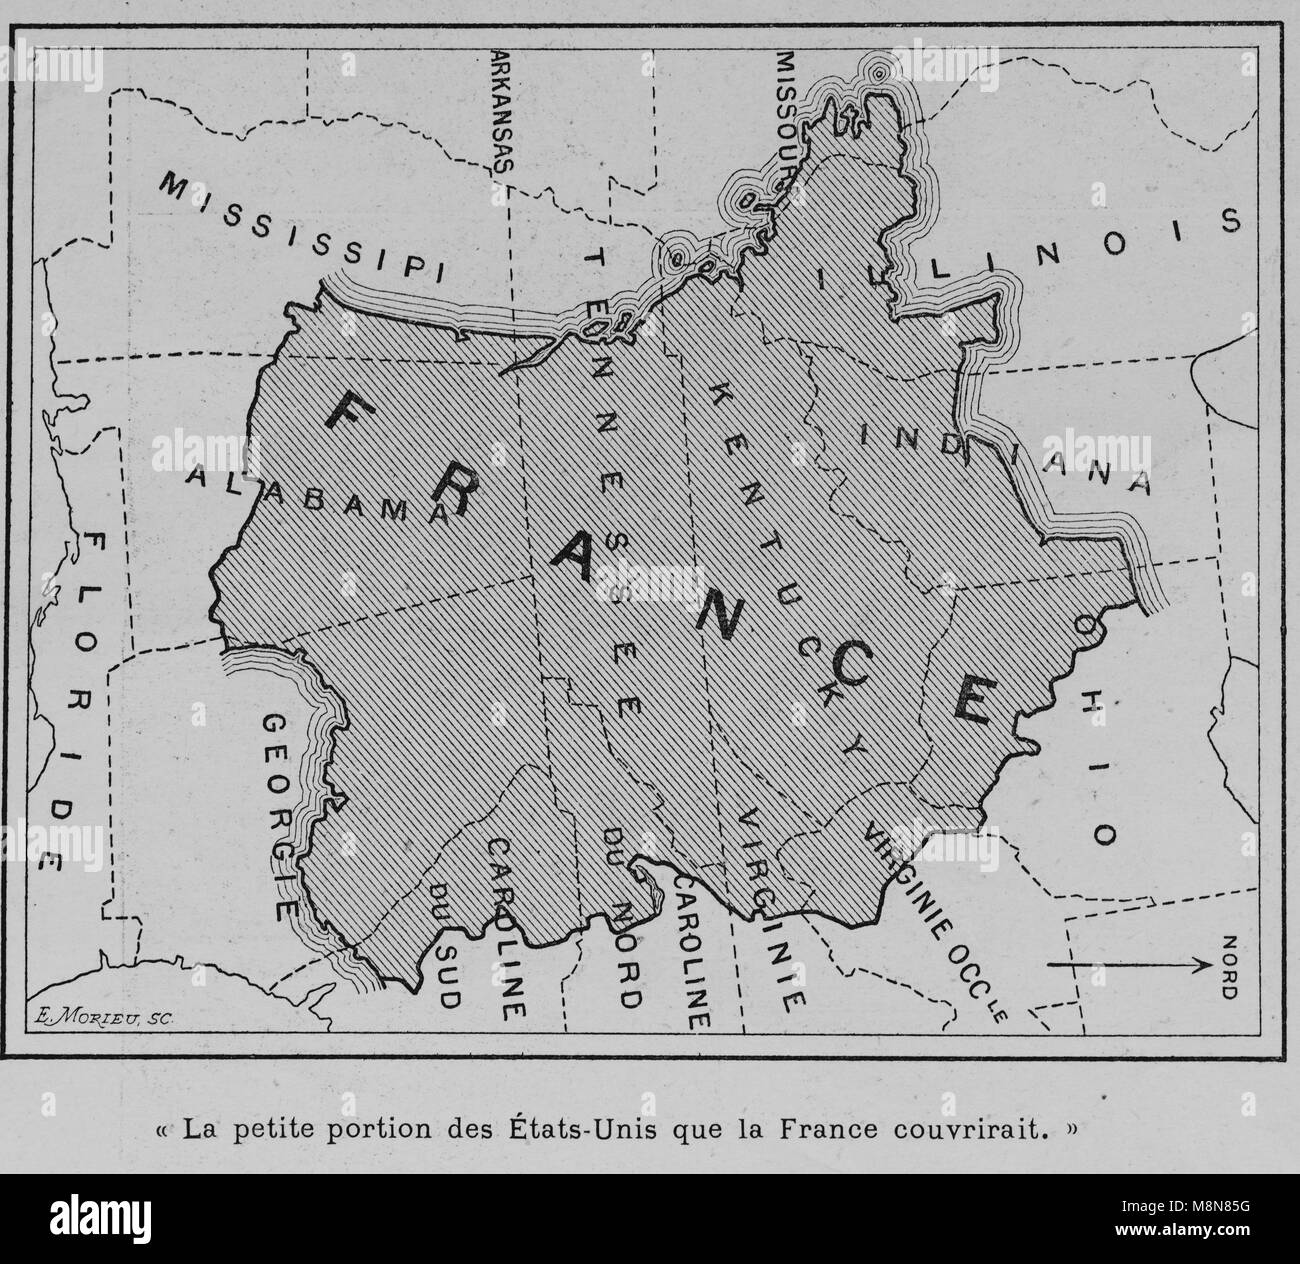 Mappa degli Stati Uniti d'America nel 1900 confrontando il paese con la Francia, immagine dal settimanale francese Immagini Stock